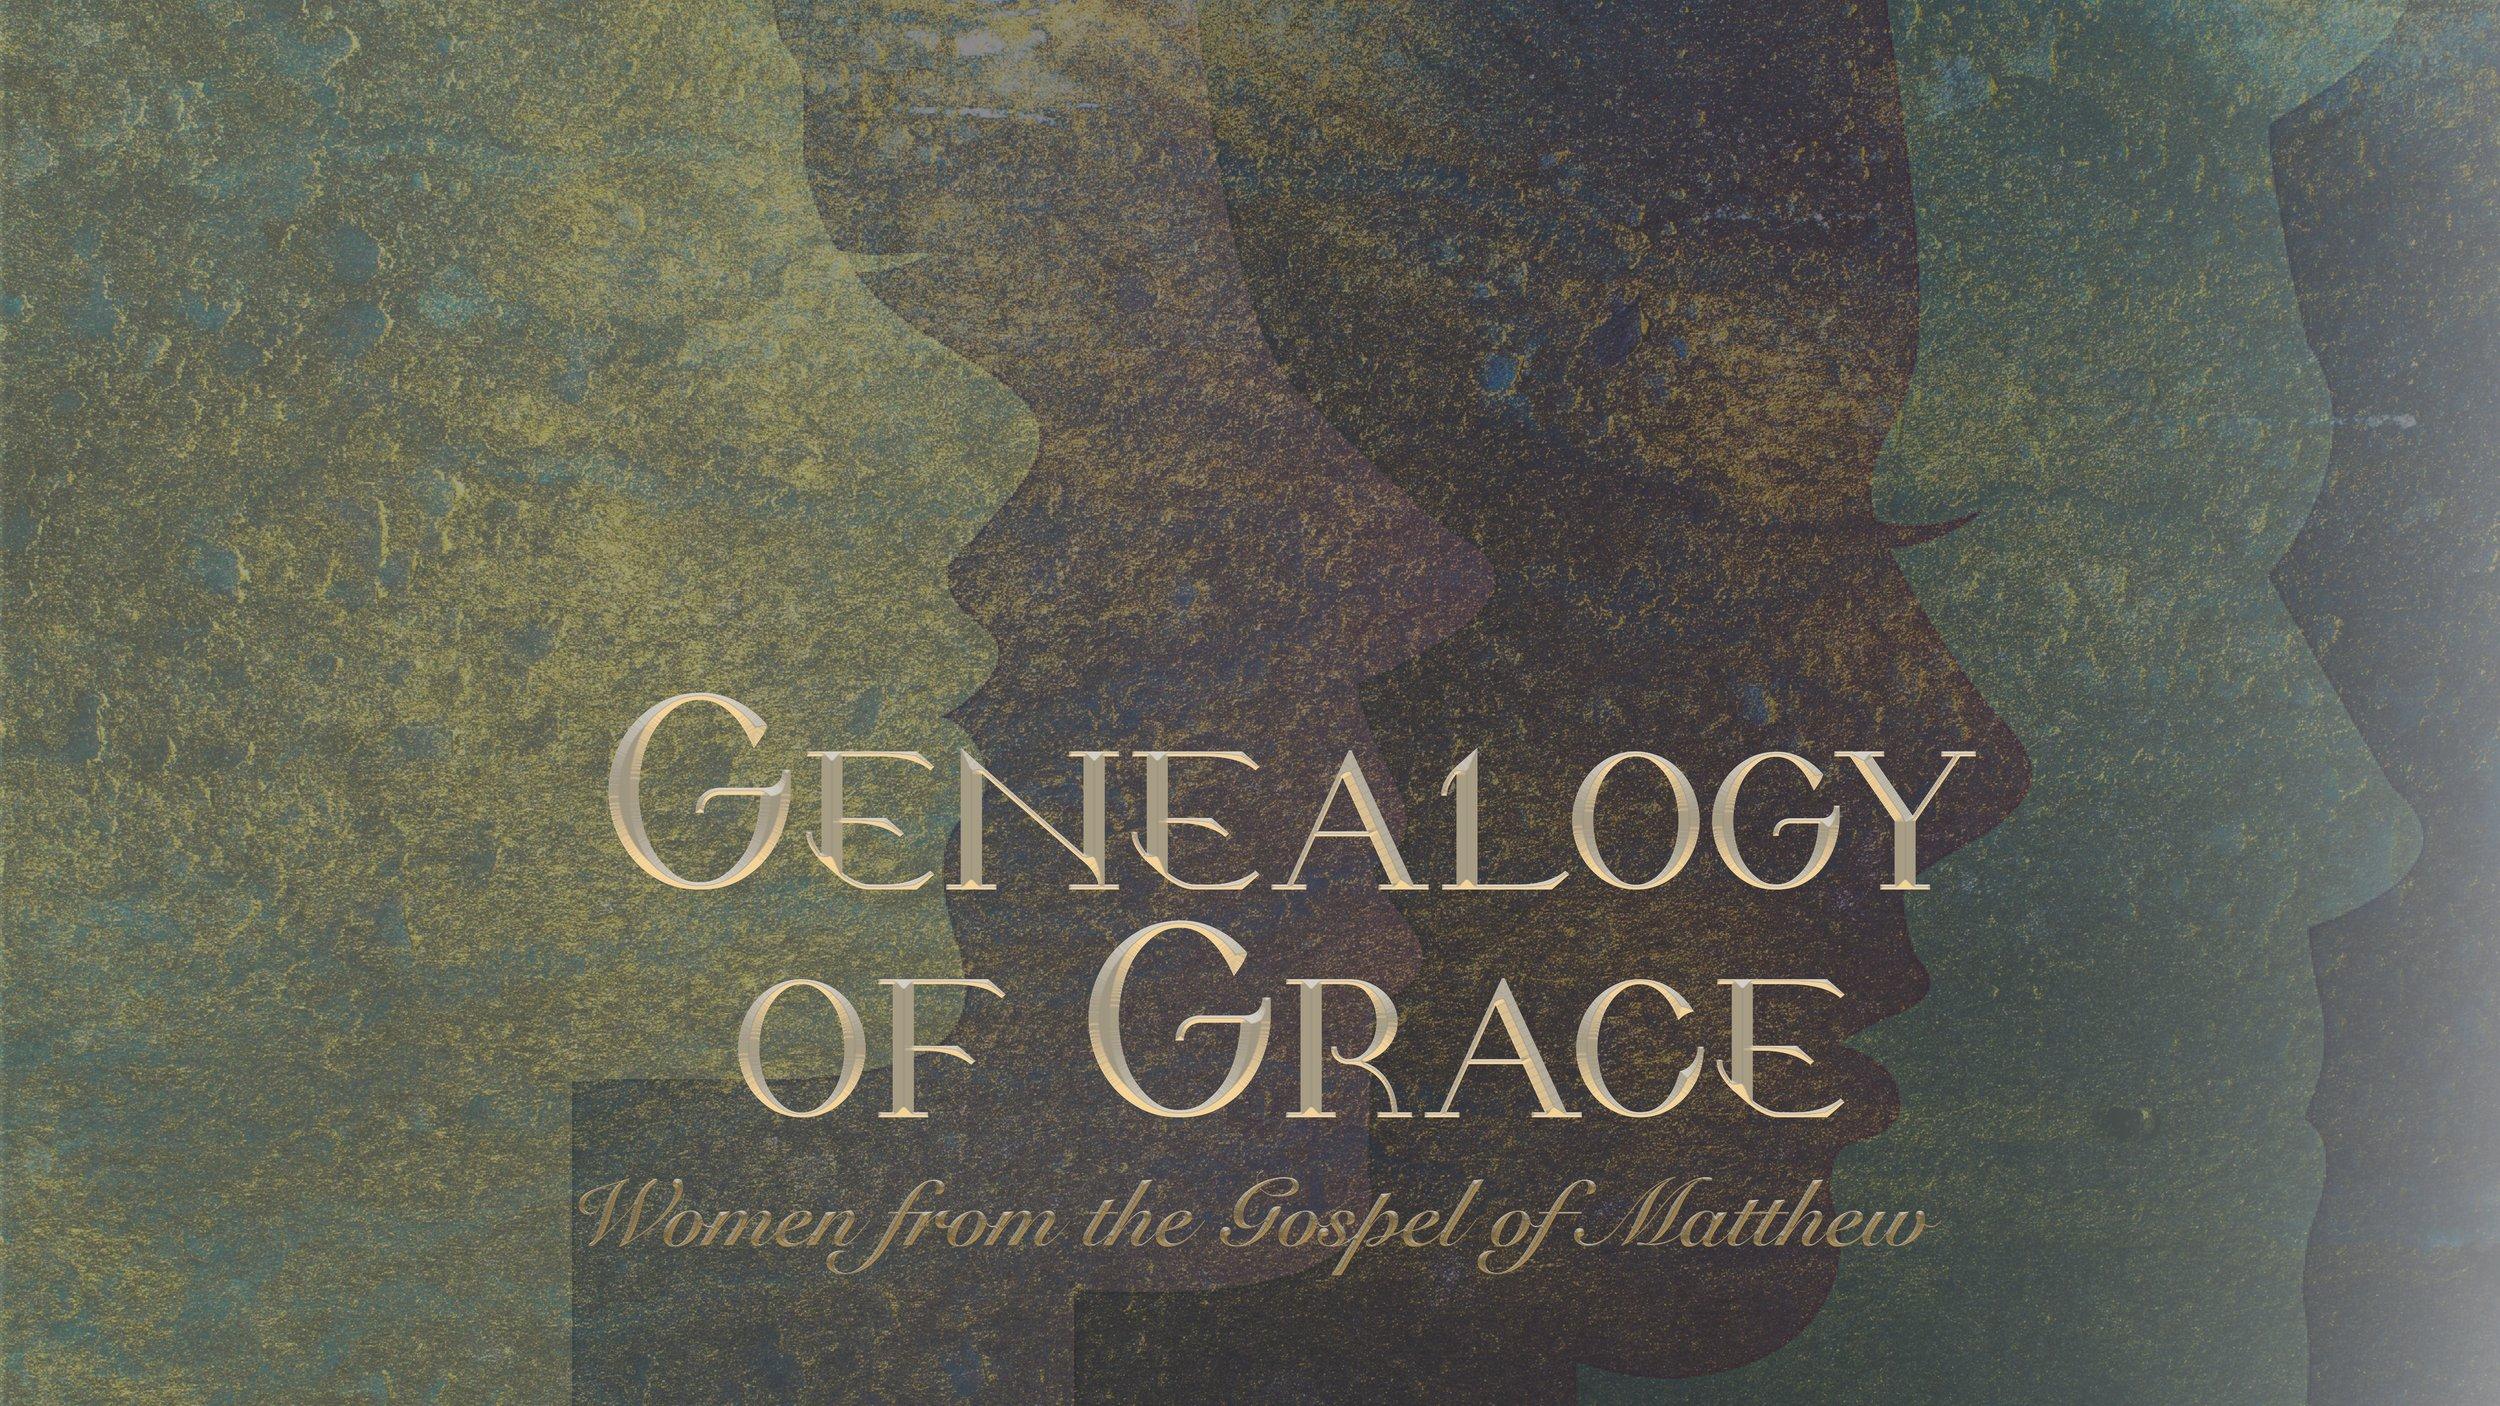 genealogy of grace.jpg